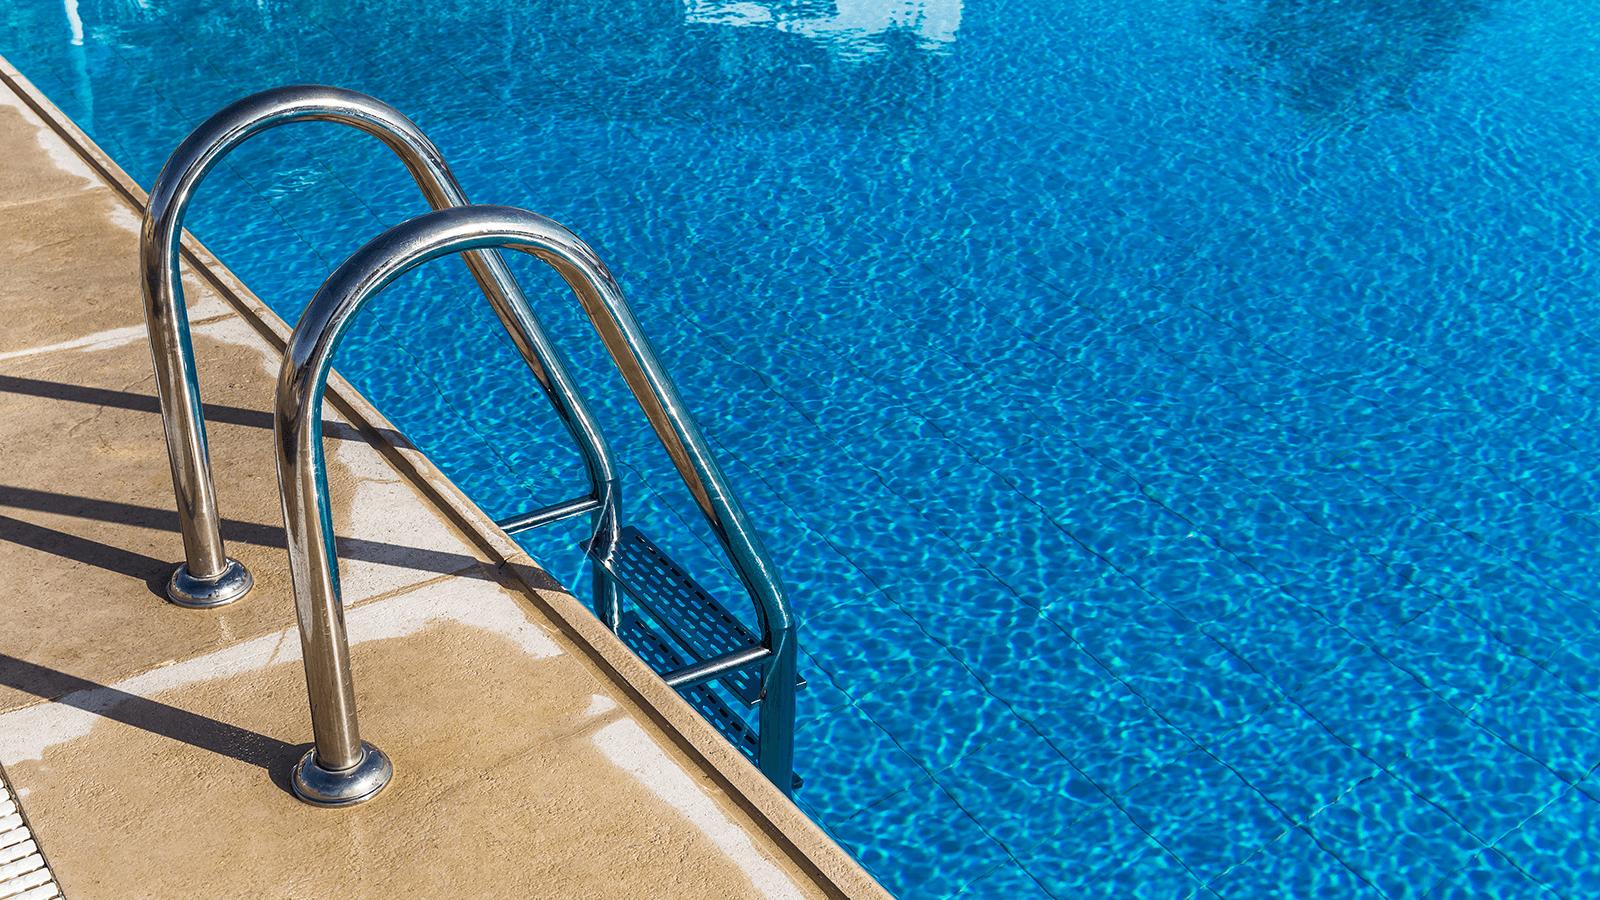 una scaletta di una piscina